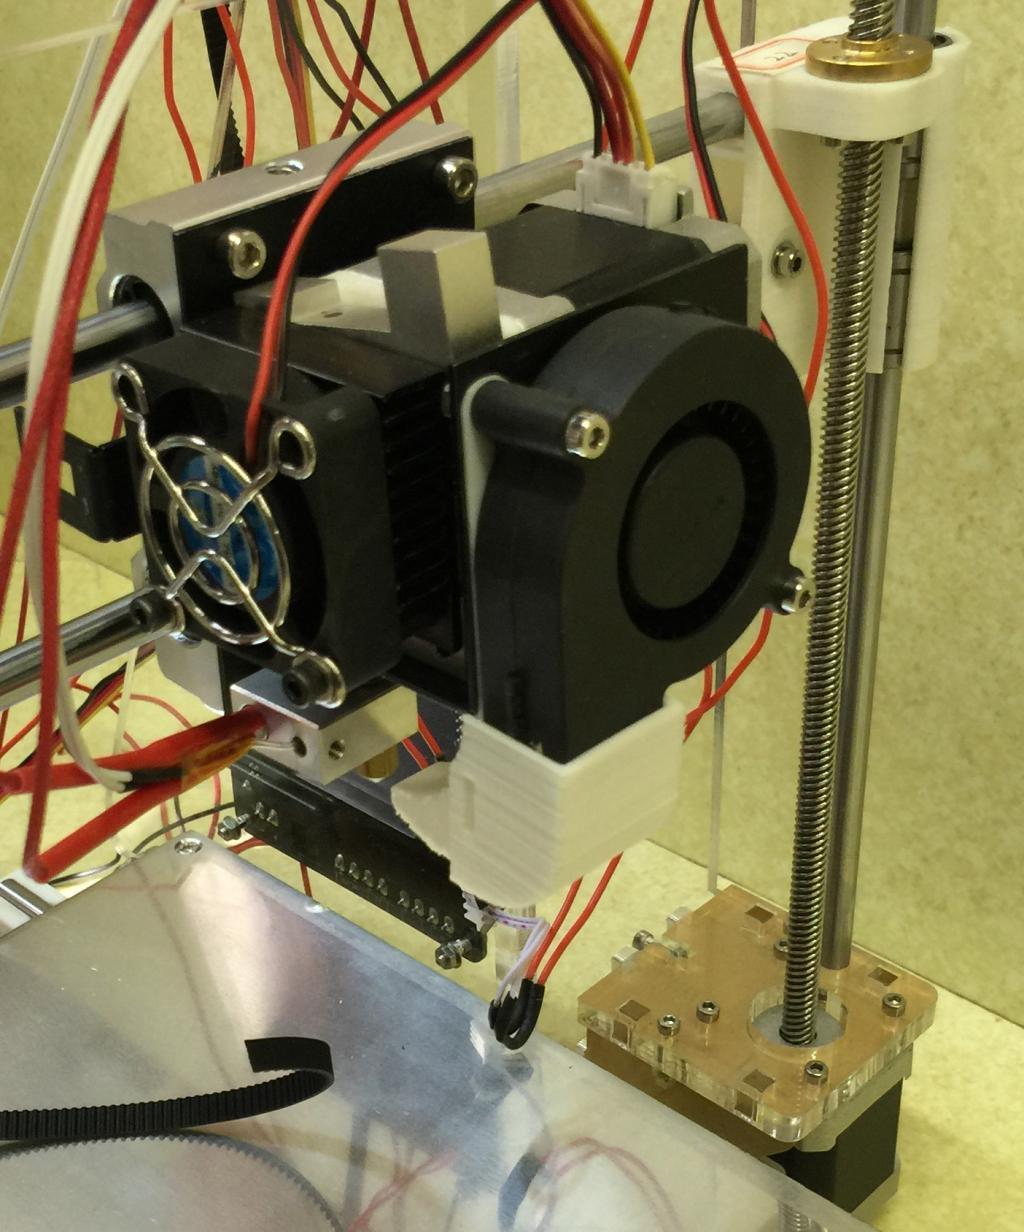 The printhead of a common RepRap printer